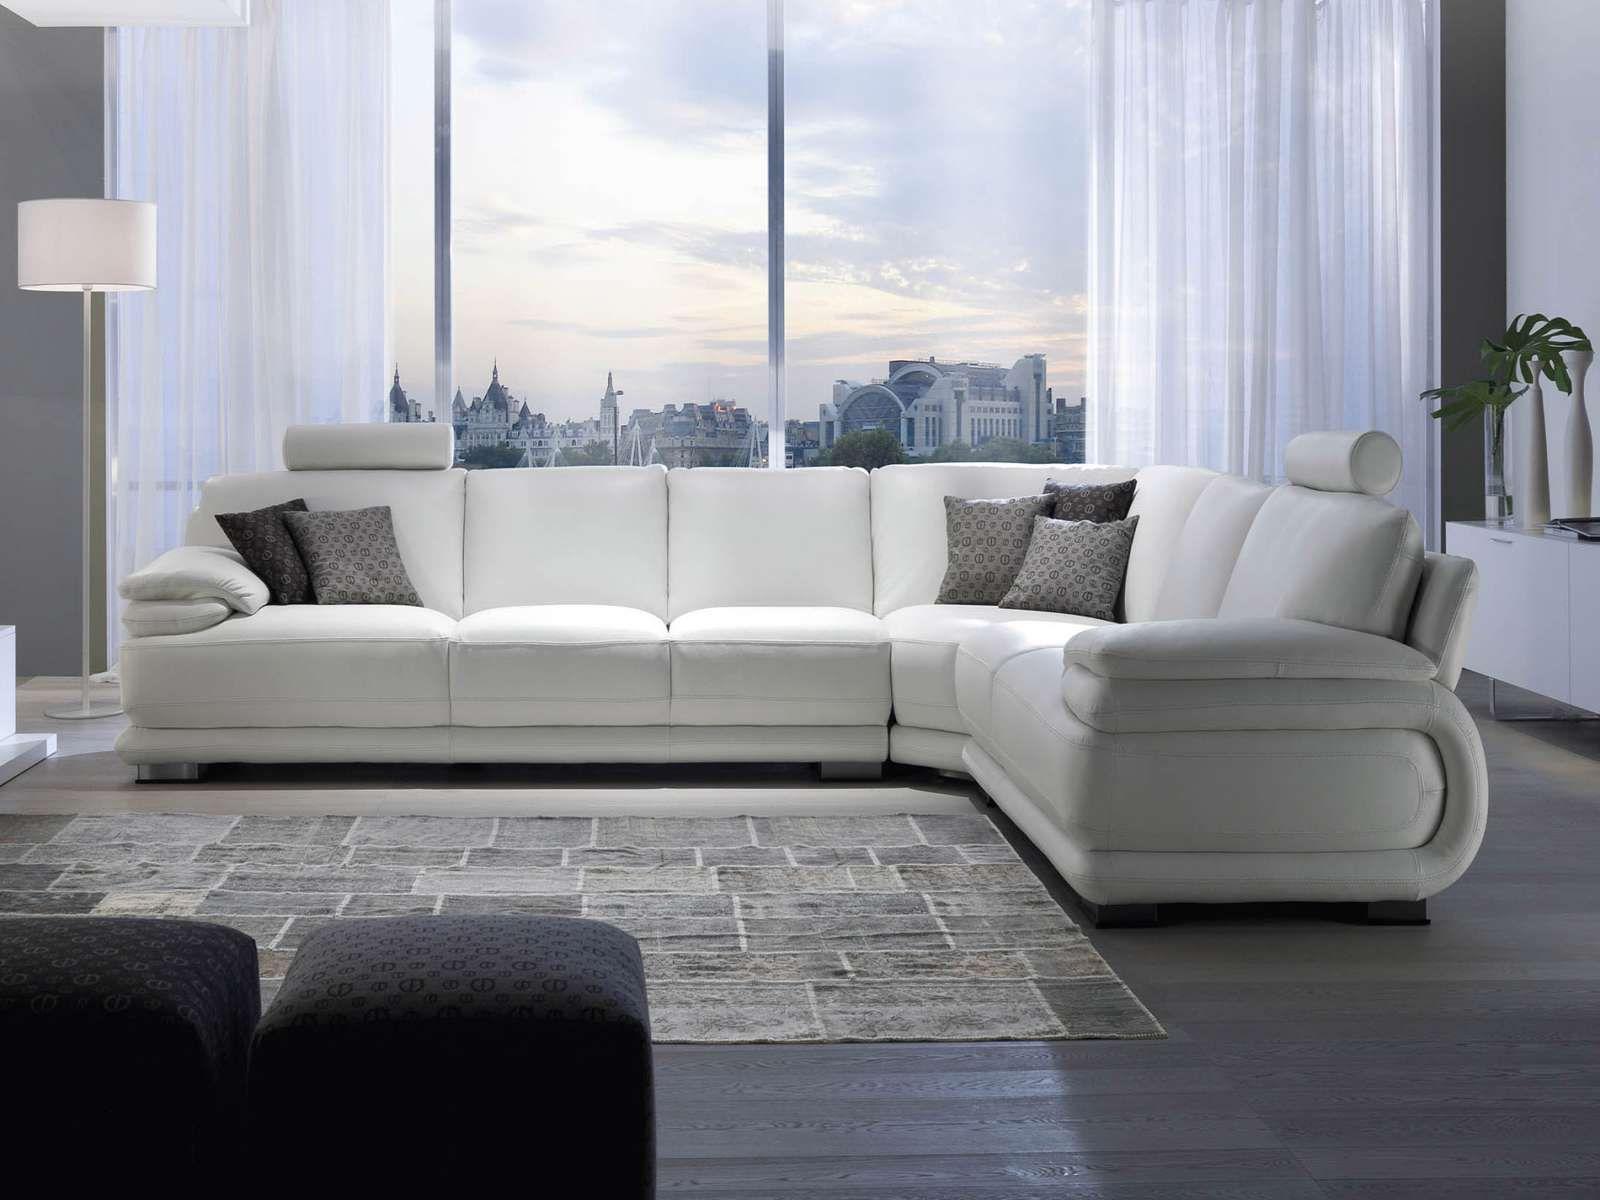 El sof ocupa la mayor parte de la sala de estar est for Desarrollar una gran sala de estar